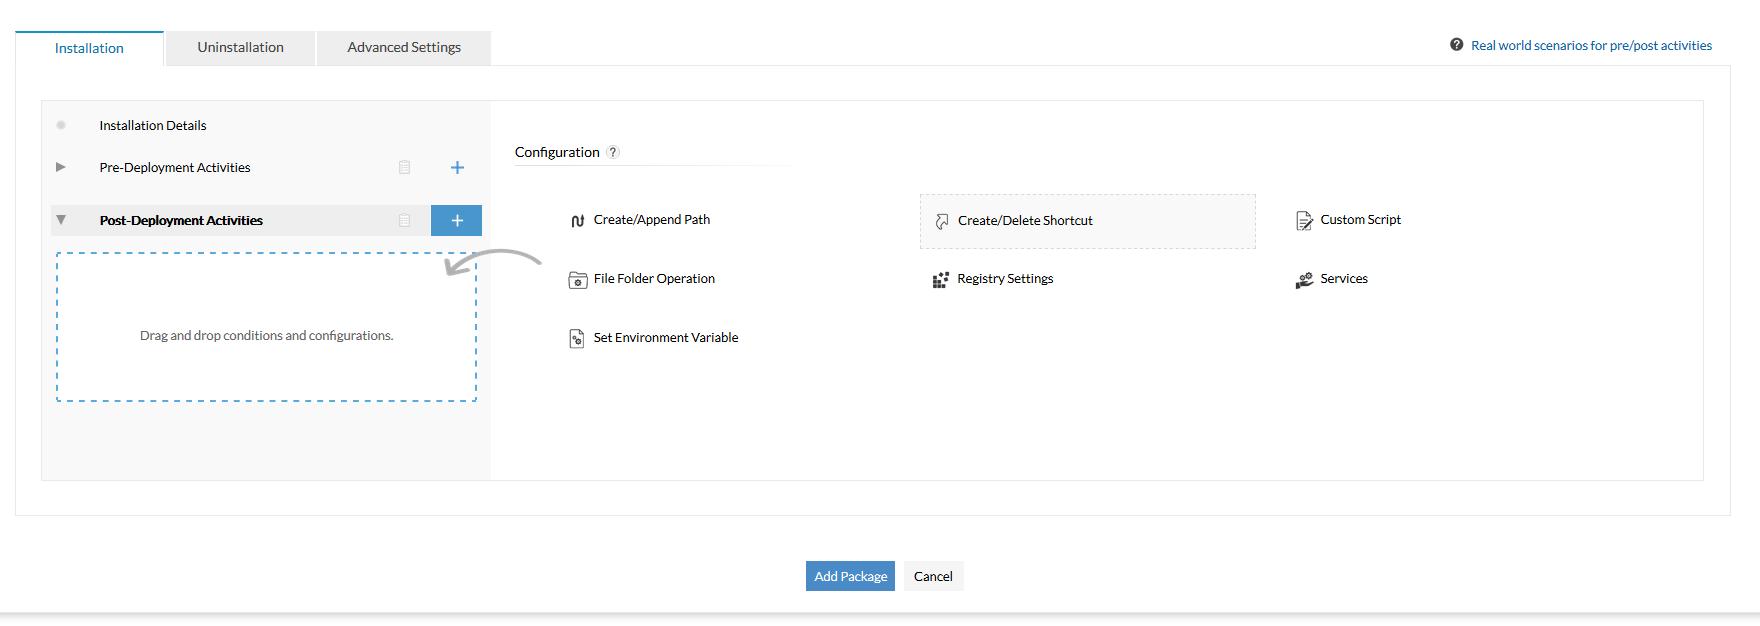 Attività di post-distribuzione: Distribuisci le configurazioni dopo l'installazione del pacchetto